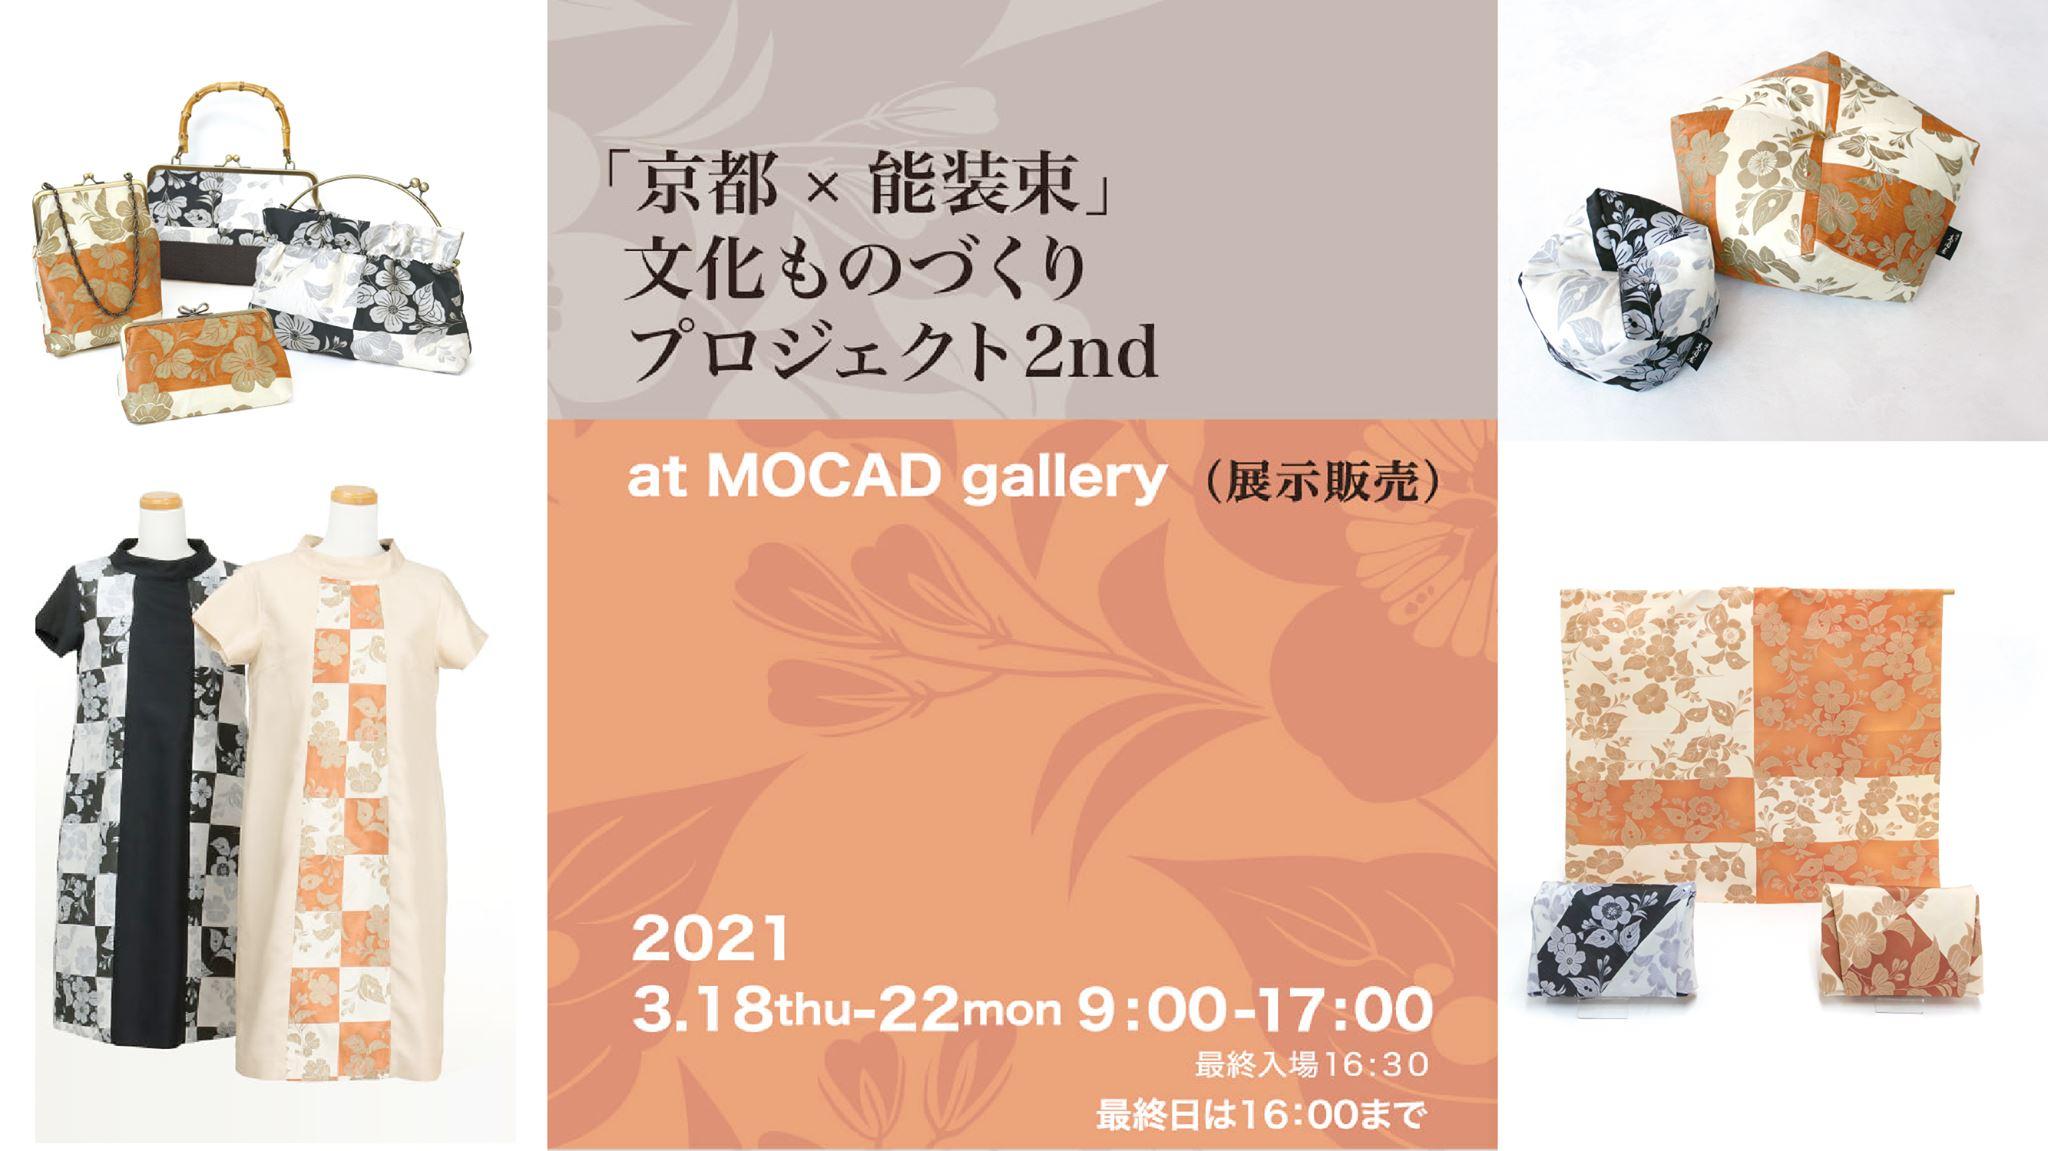 京都×能装束 文化ものづくりプロジェクト at Mocadギャラリー